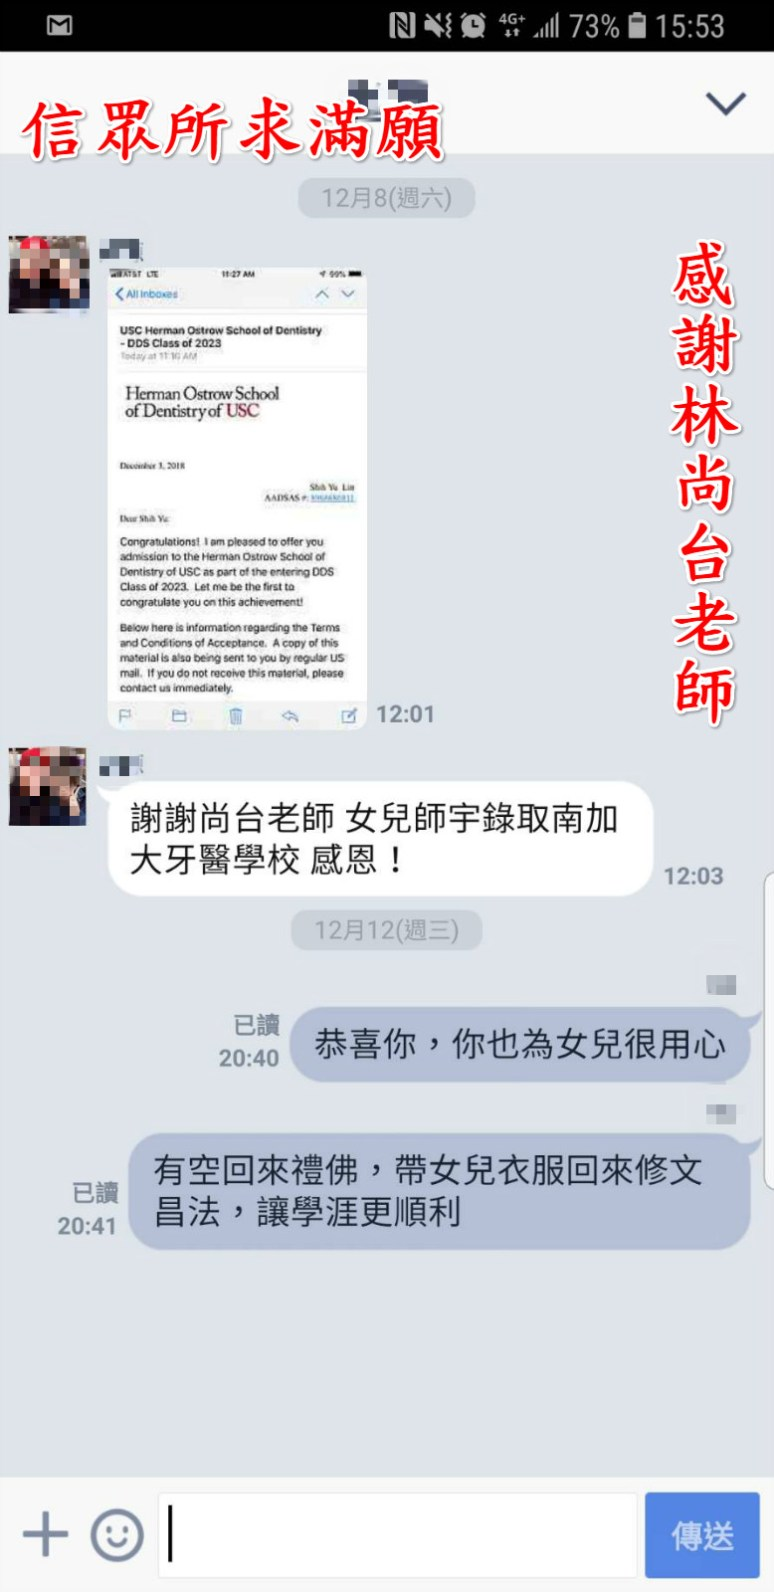 194961 meitu 1 - 【案例】高雄算命推薦 萬事可問 林尚台老師_金榜題名